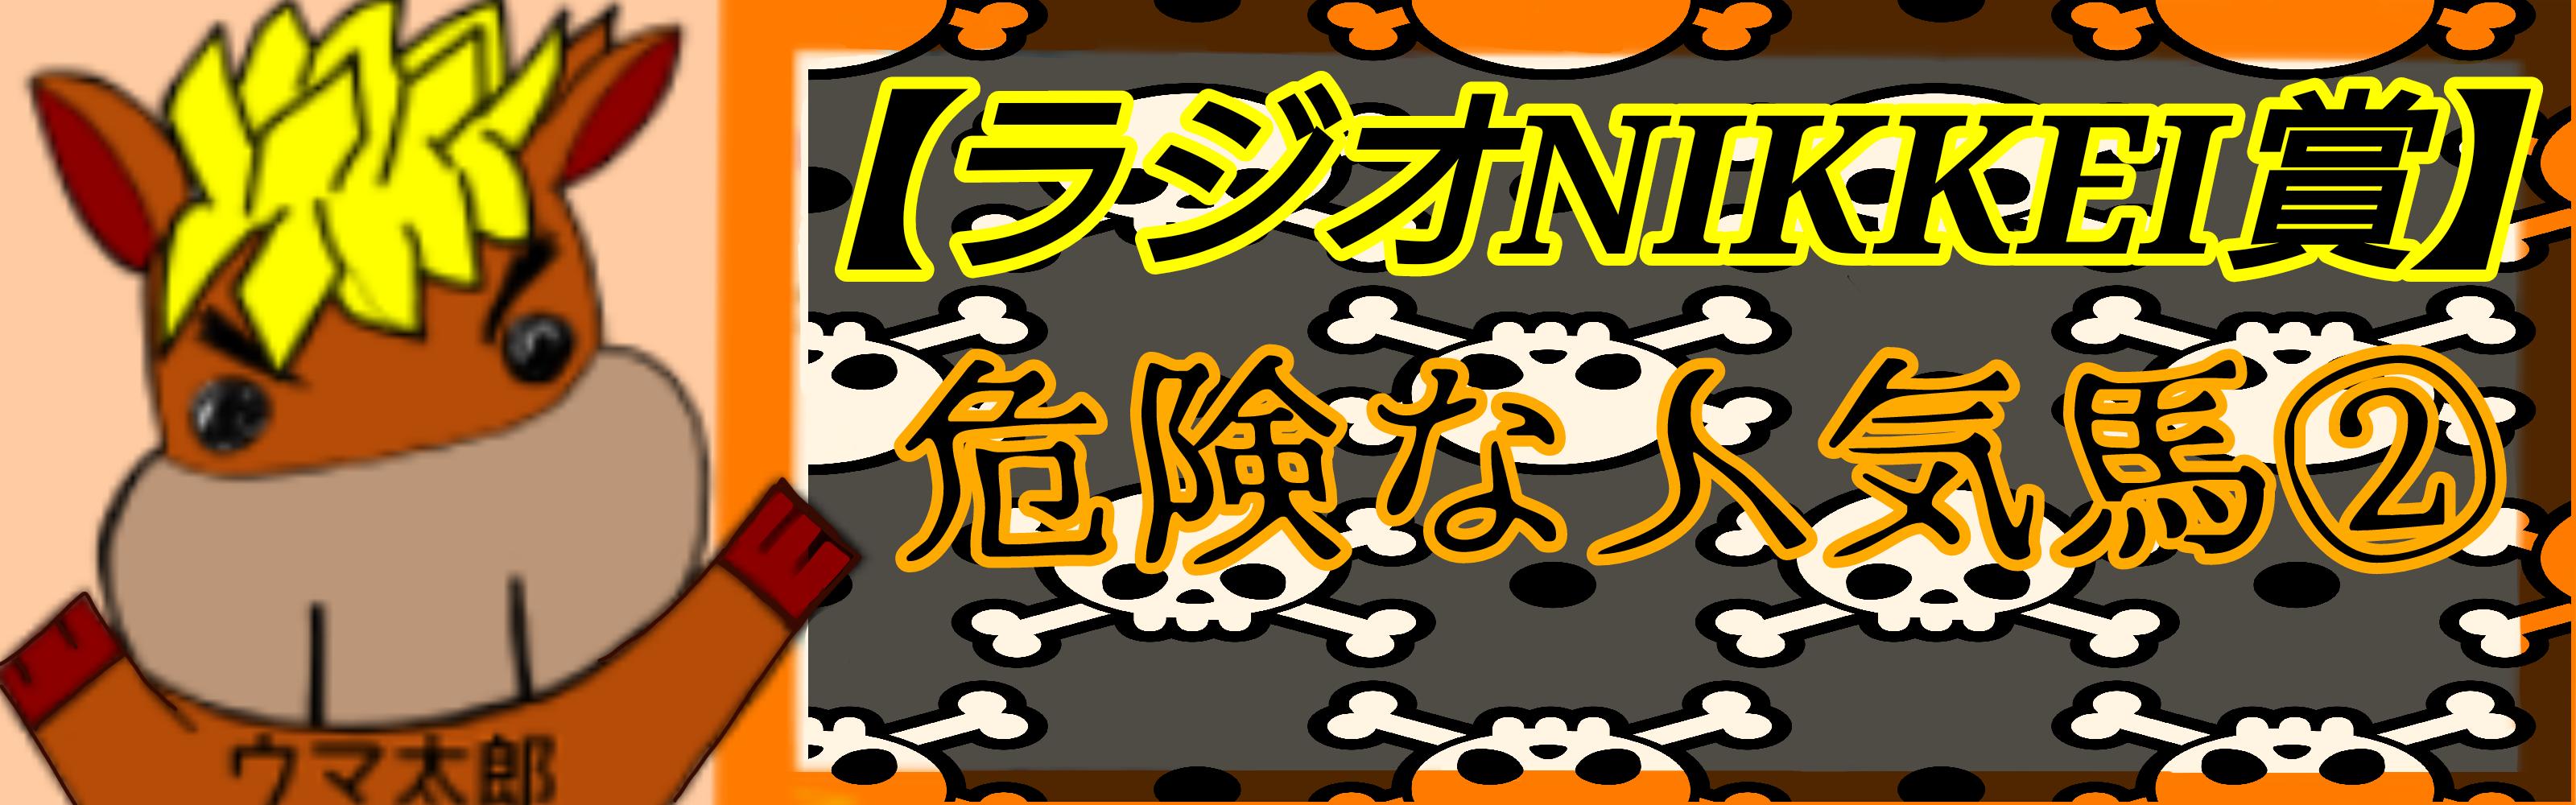 【ラジオNIKKEI賞】危険な人気馬(その弐)